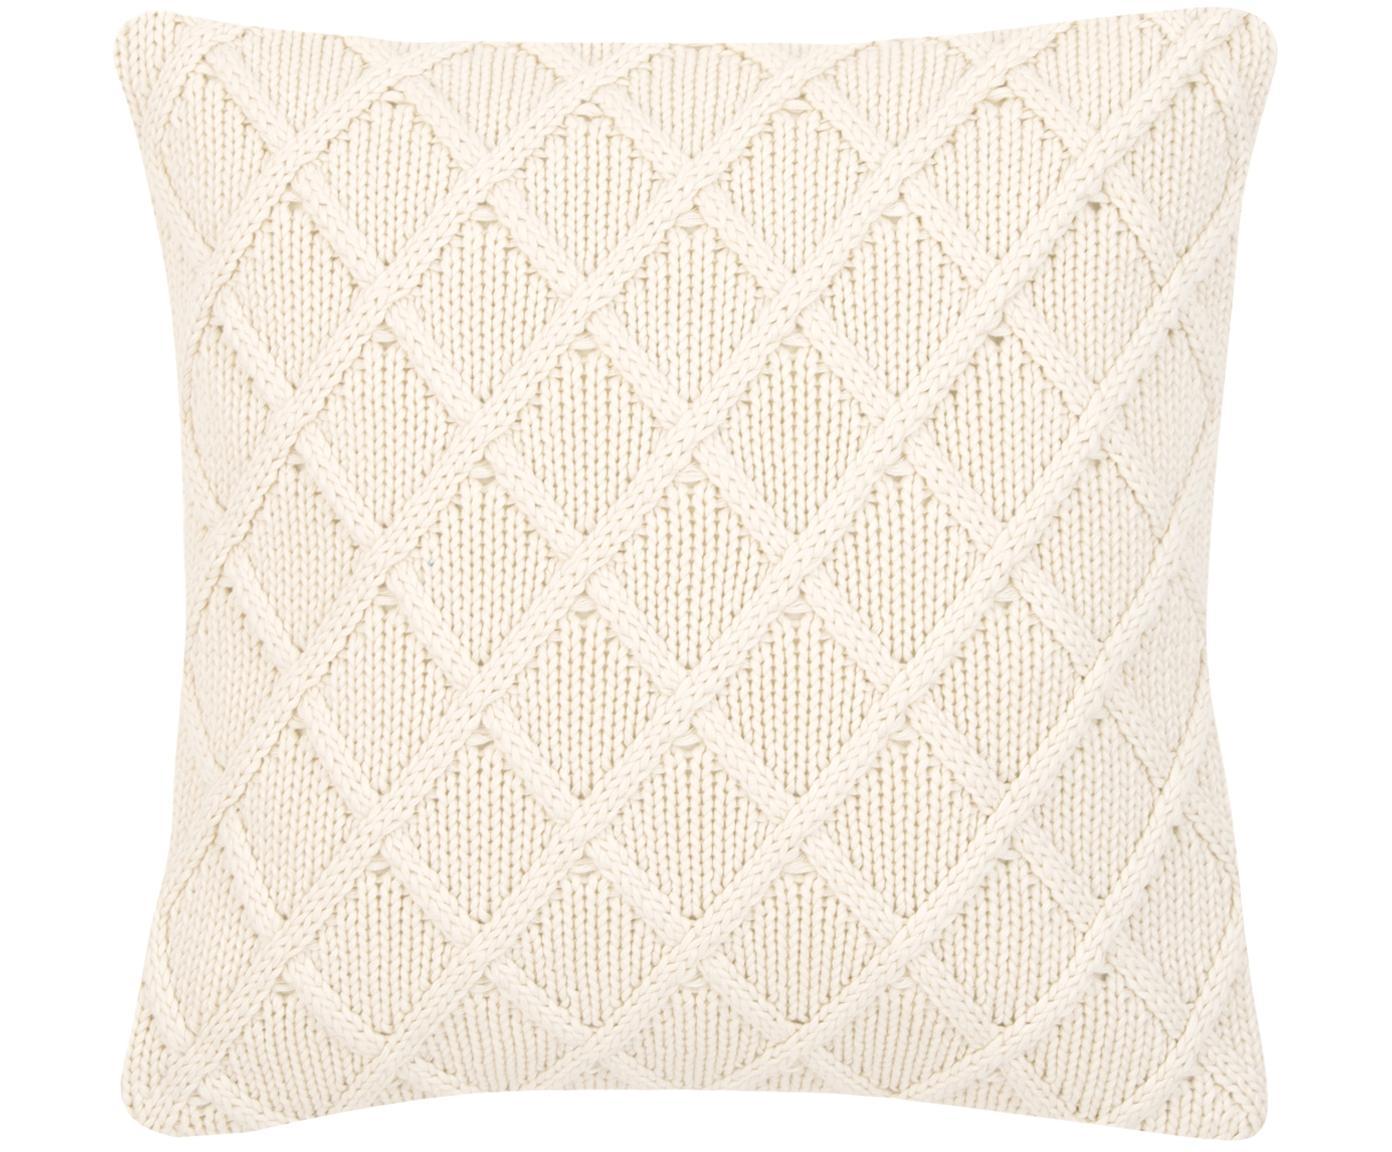 Poszewka na poduszkę z dzianiny Elly, 100% bawełna, Kremowobiały, S 40 x D 40 cm